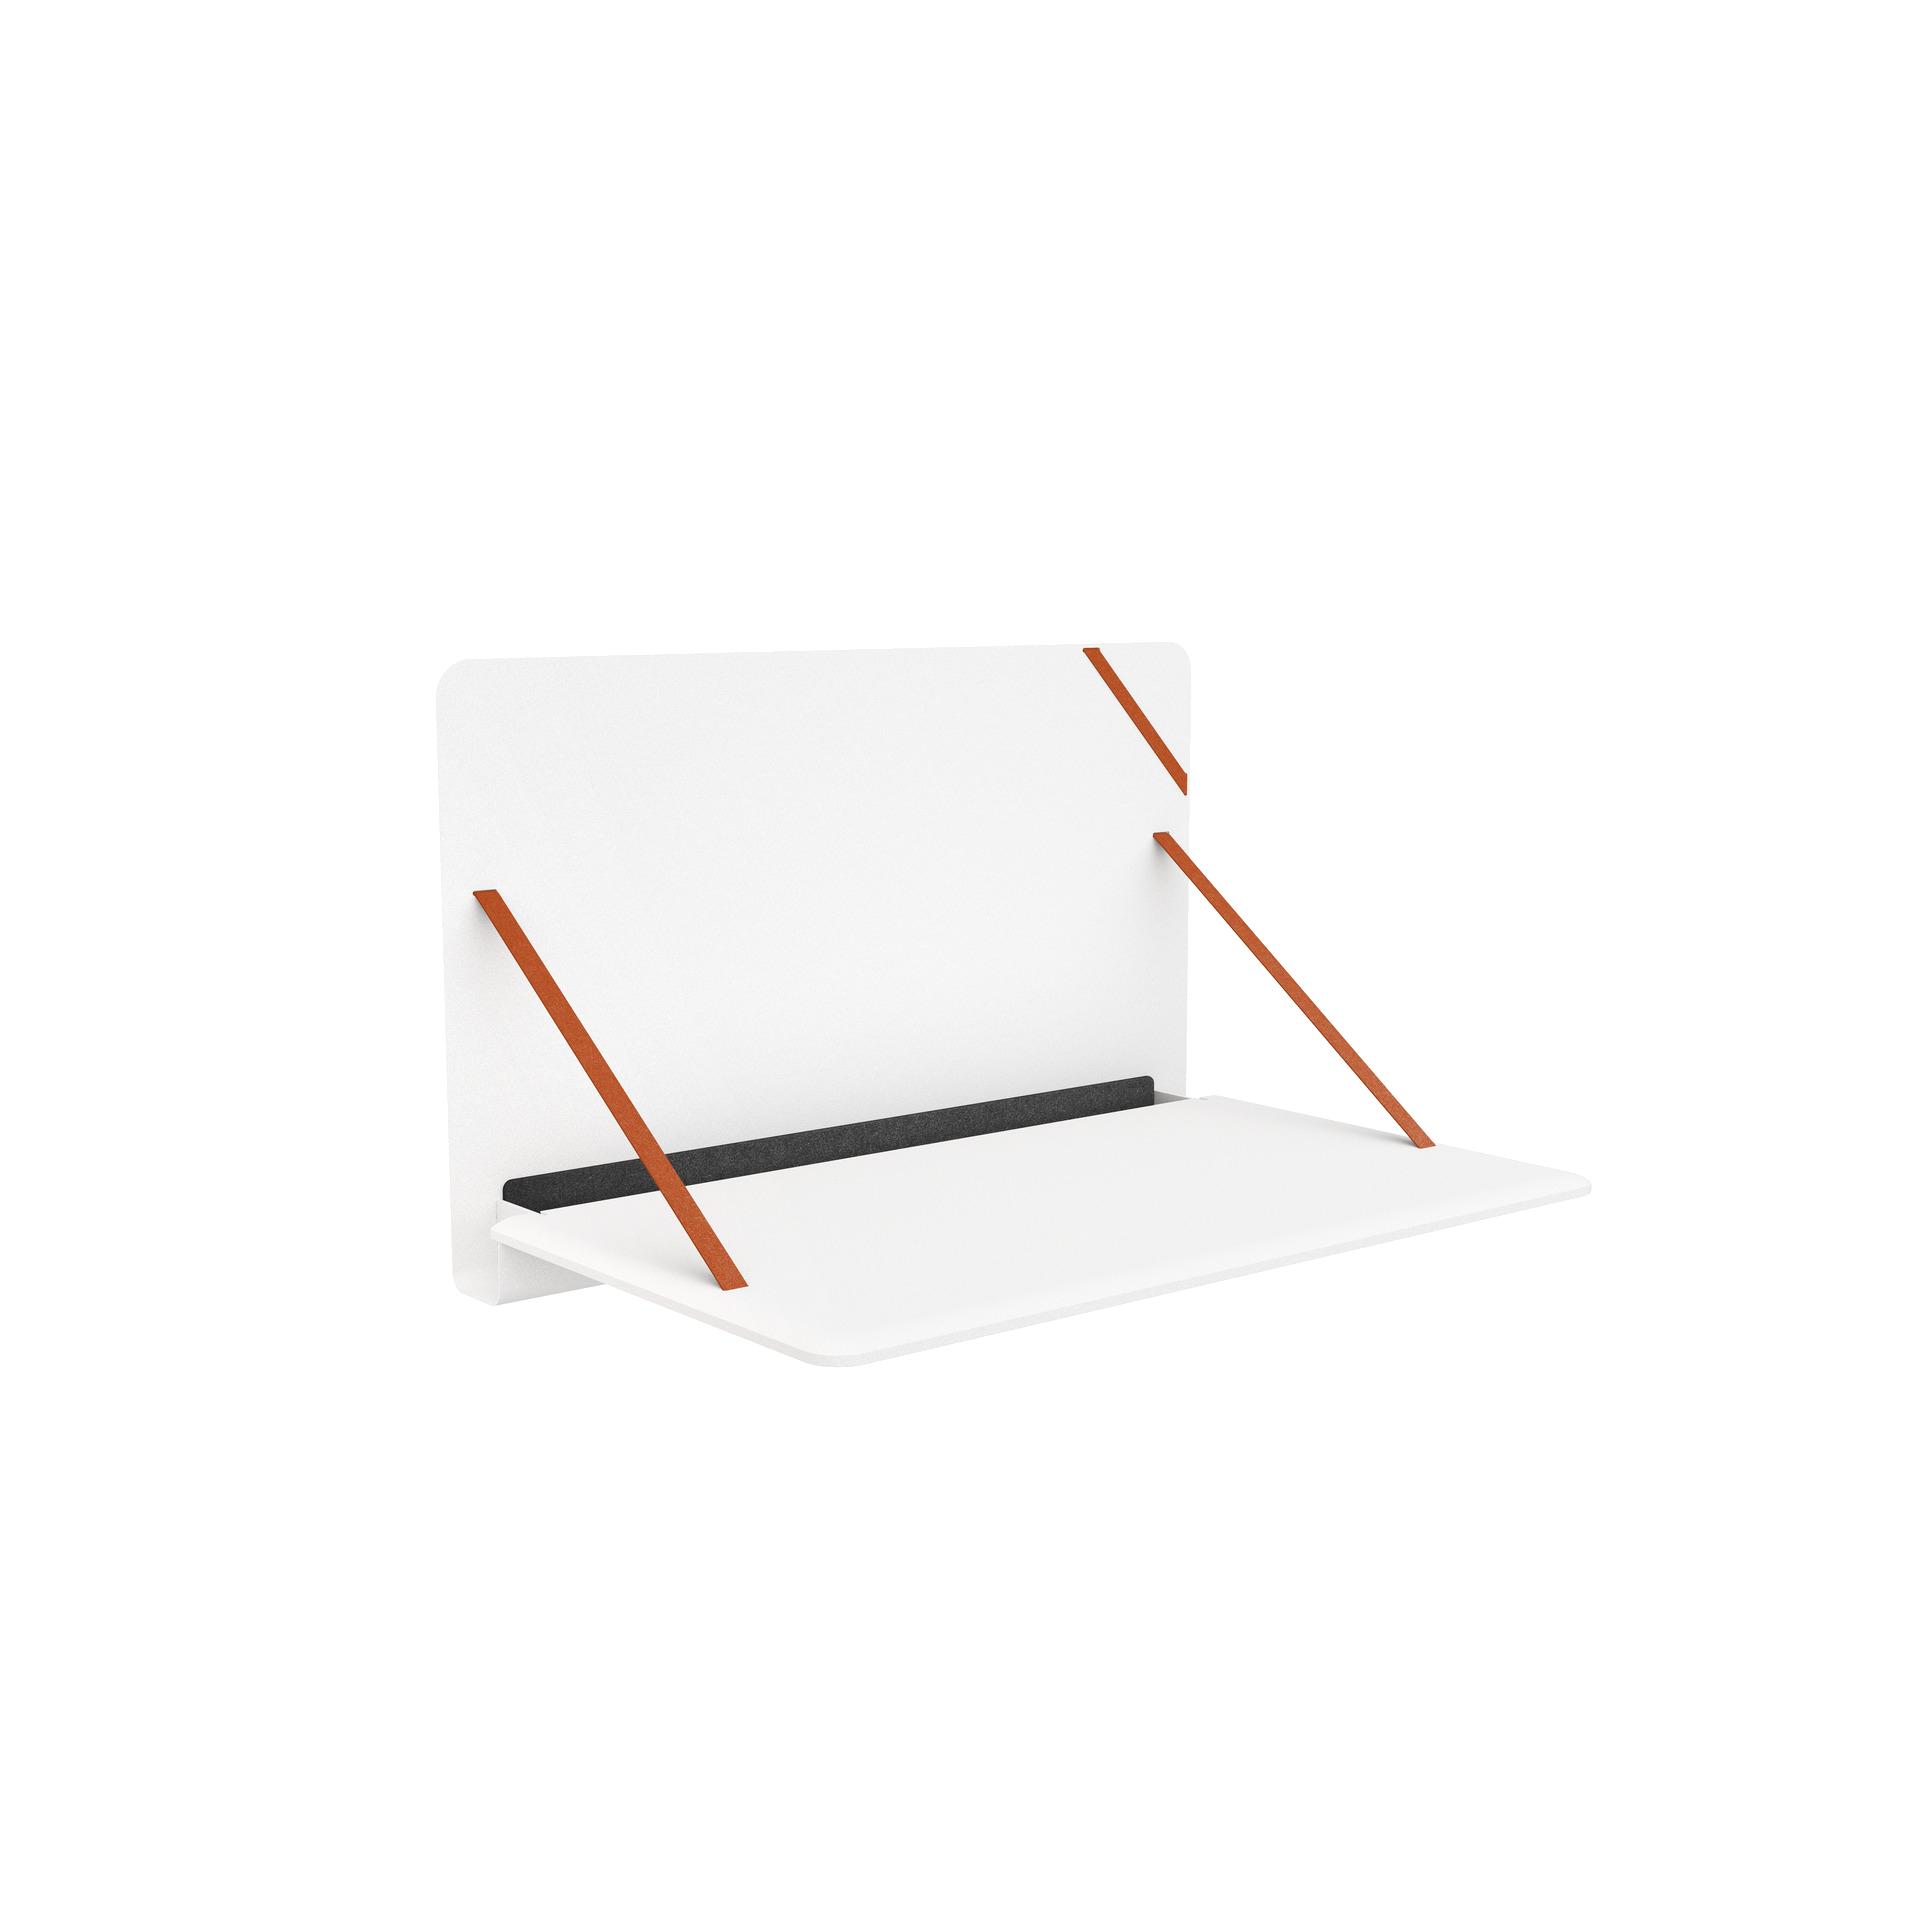 Brunner_notebook_9032_offen_weiß_orange_ohne_Schatten_auf_weiß